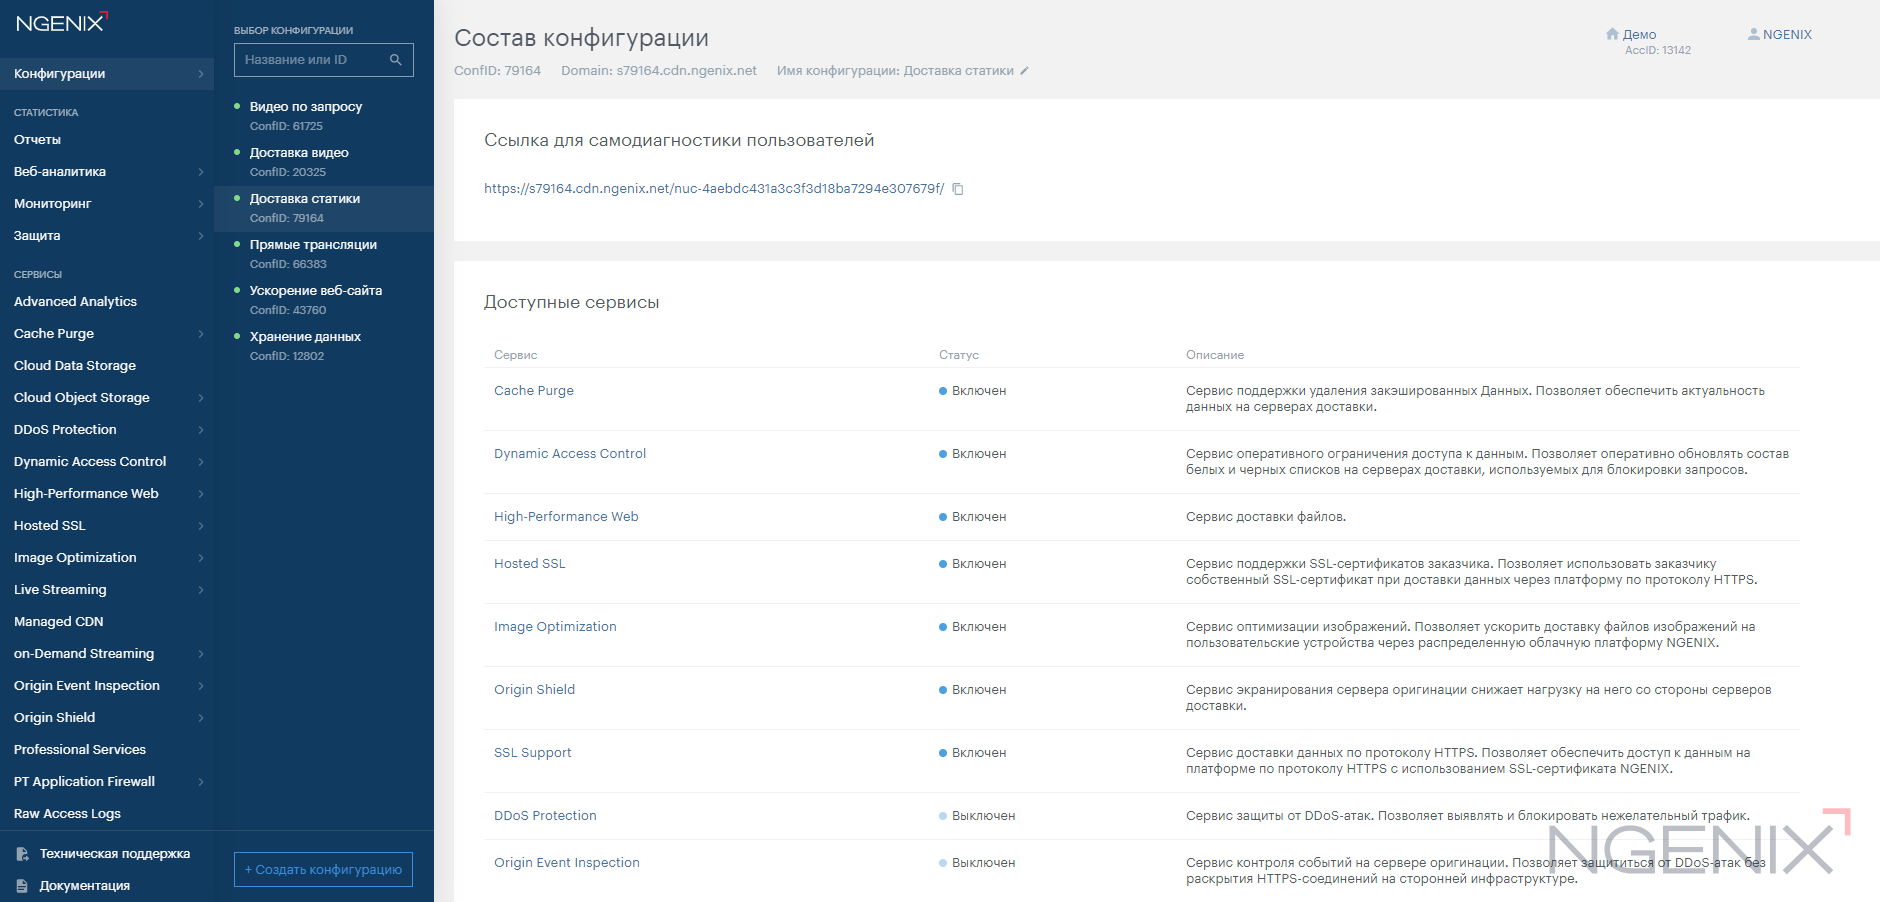 NGENIX Multidesk – Ссылка для самодиагностики пользователей